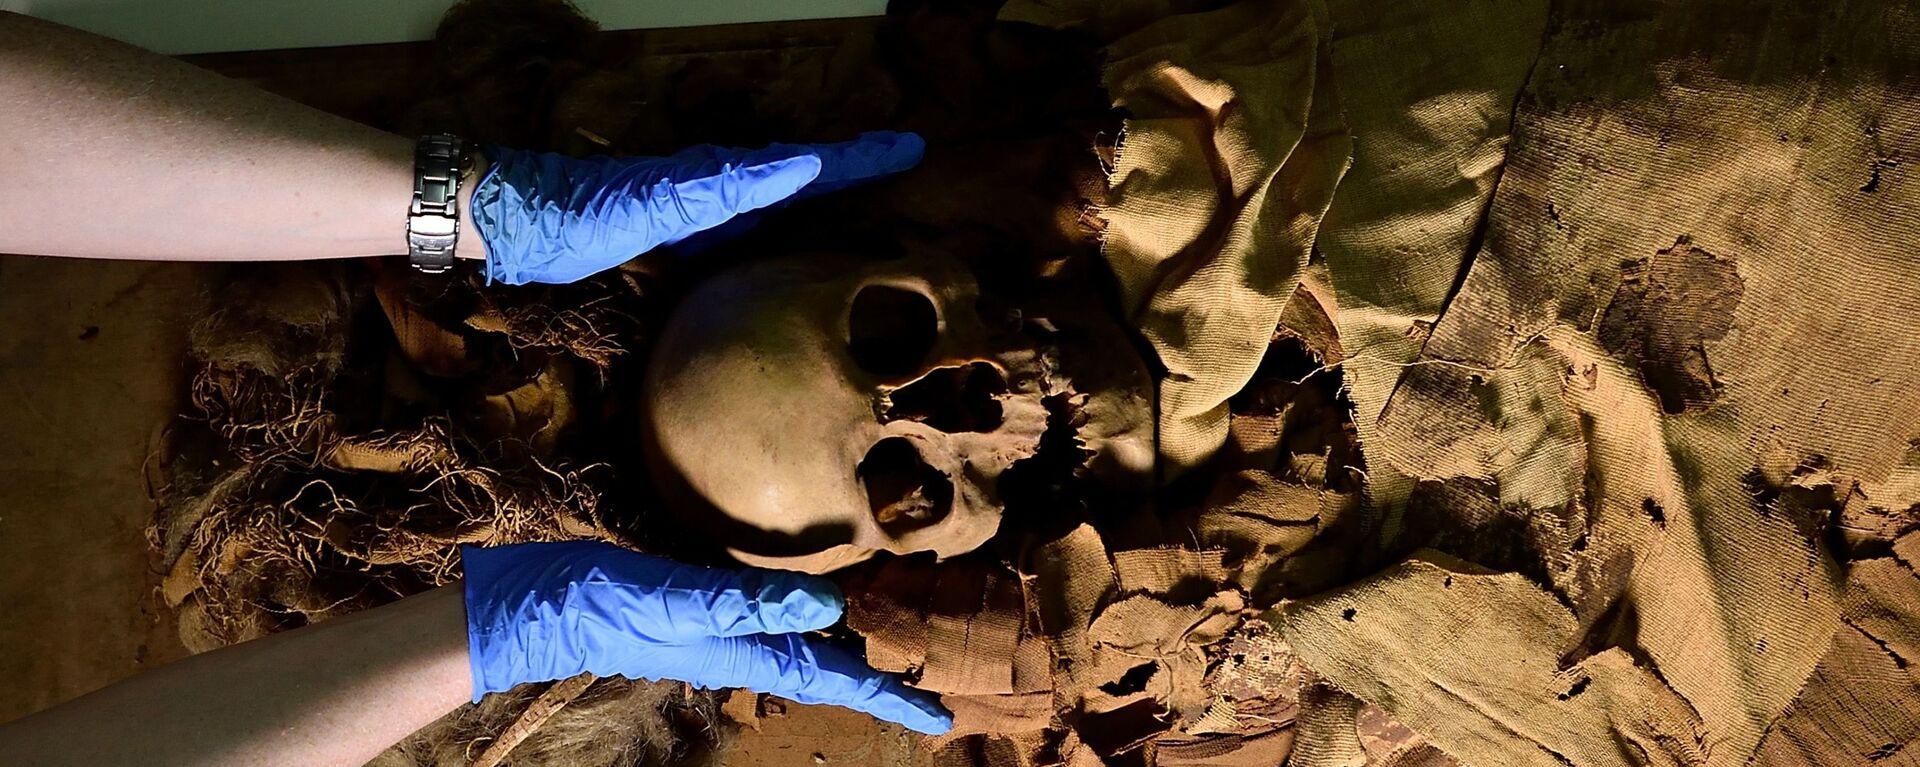 Příprava mumie k přepravě z Archeologického muzea v Bergamu do milánské nemocnice k provedení tomografie - Sputnik Česká republika, 1920, 23.06.2021